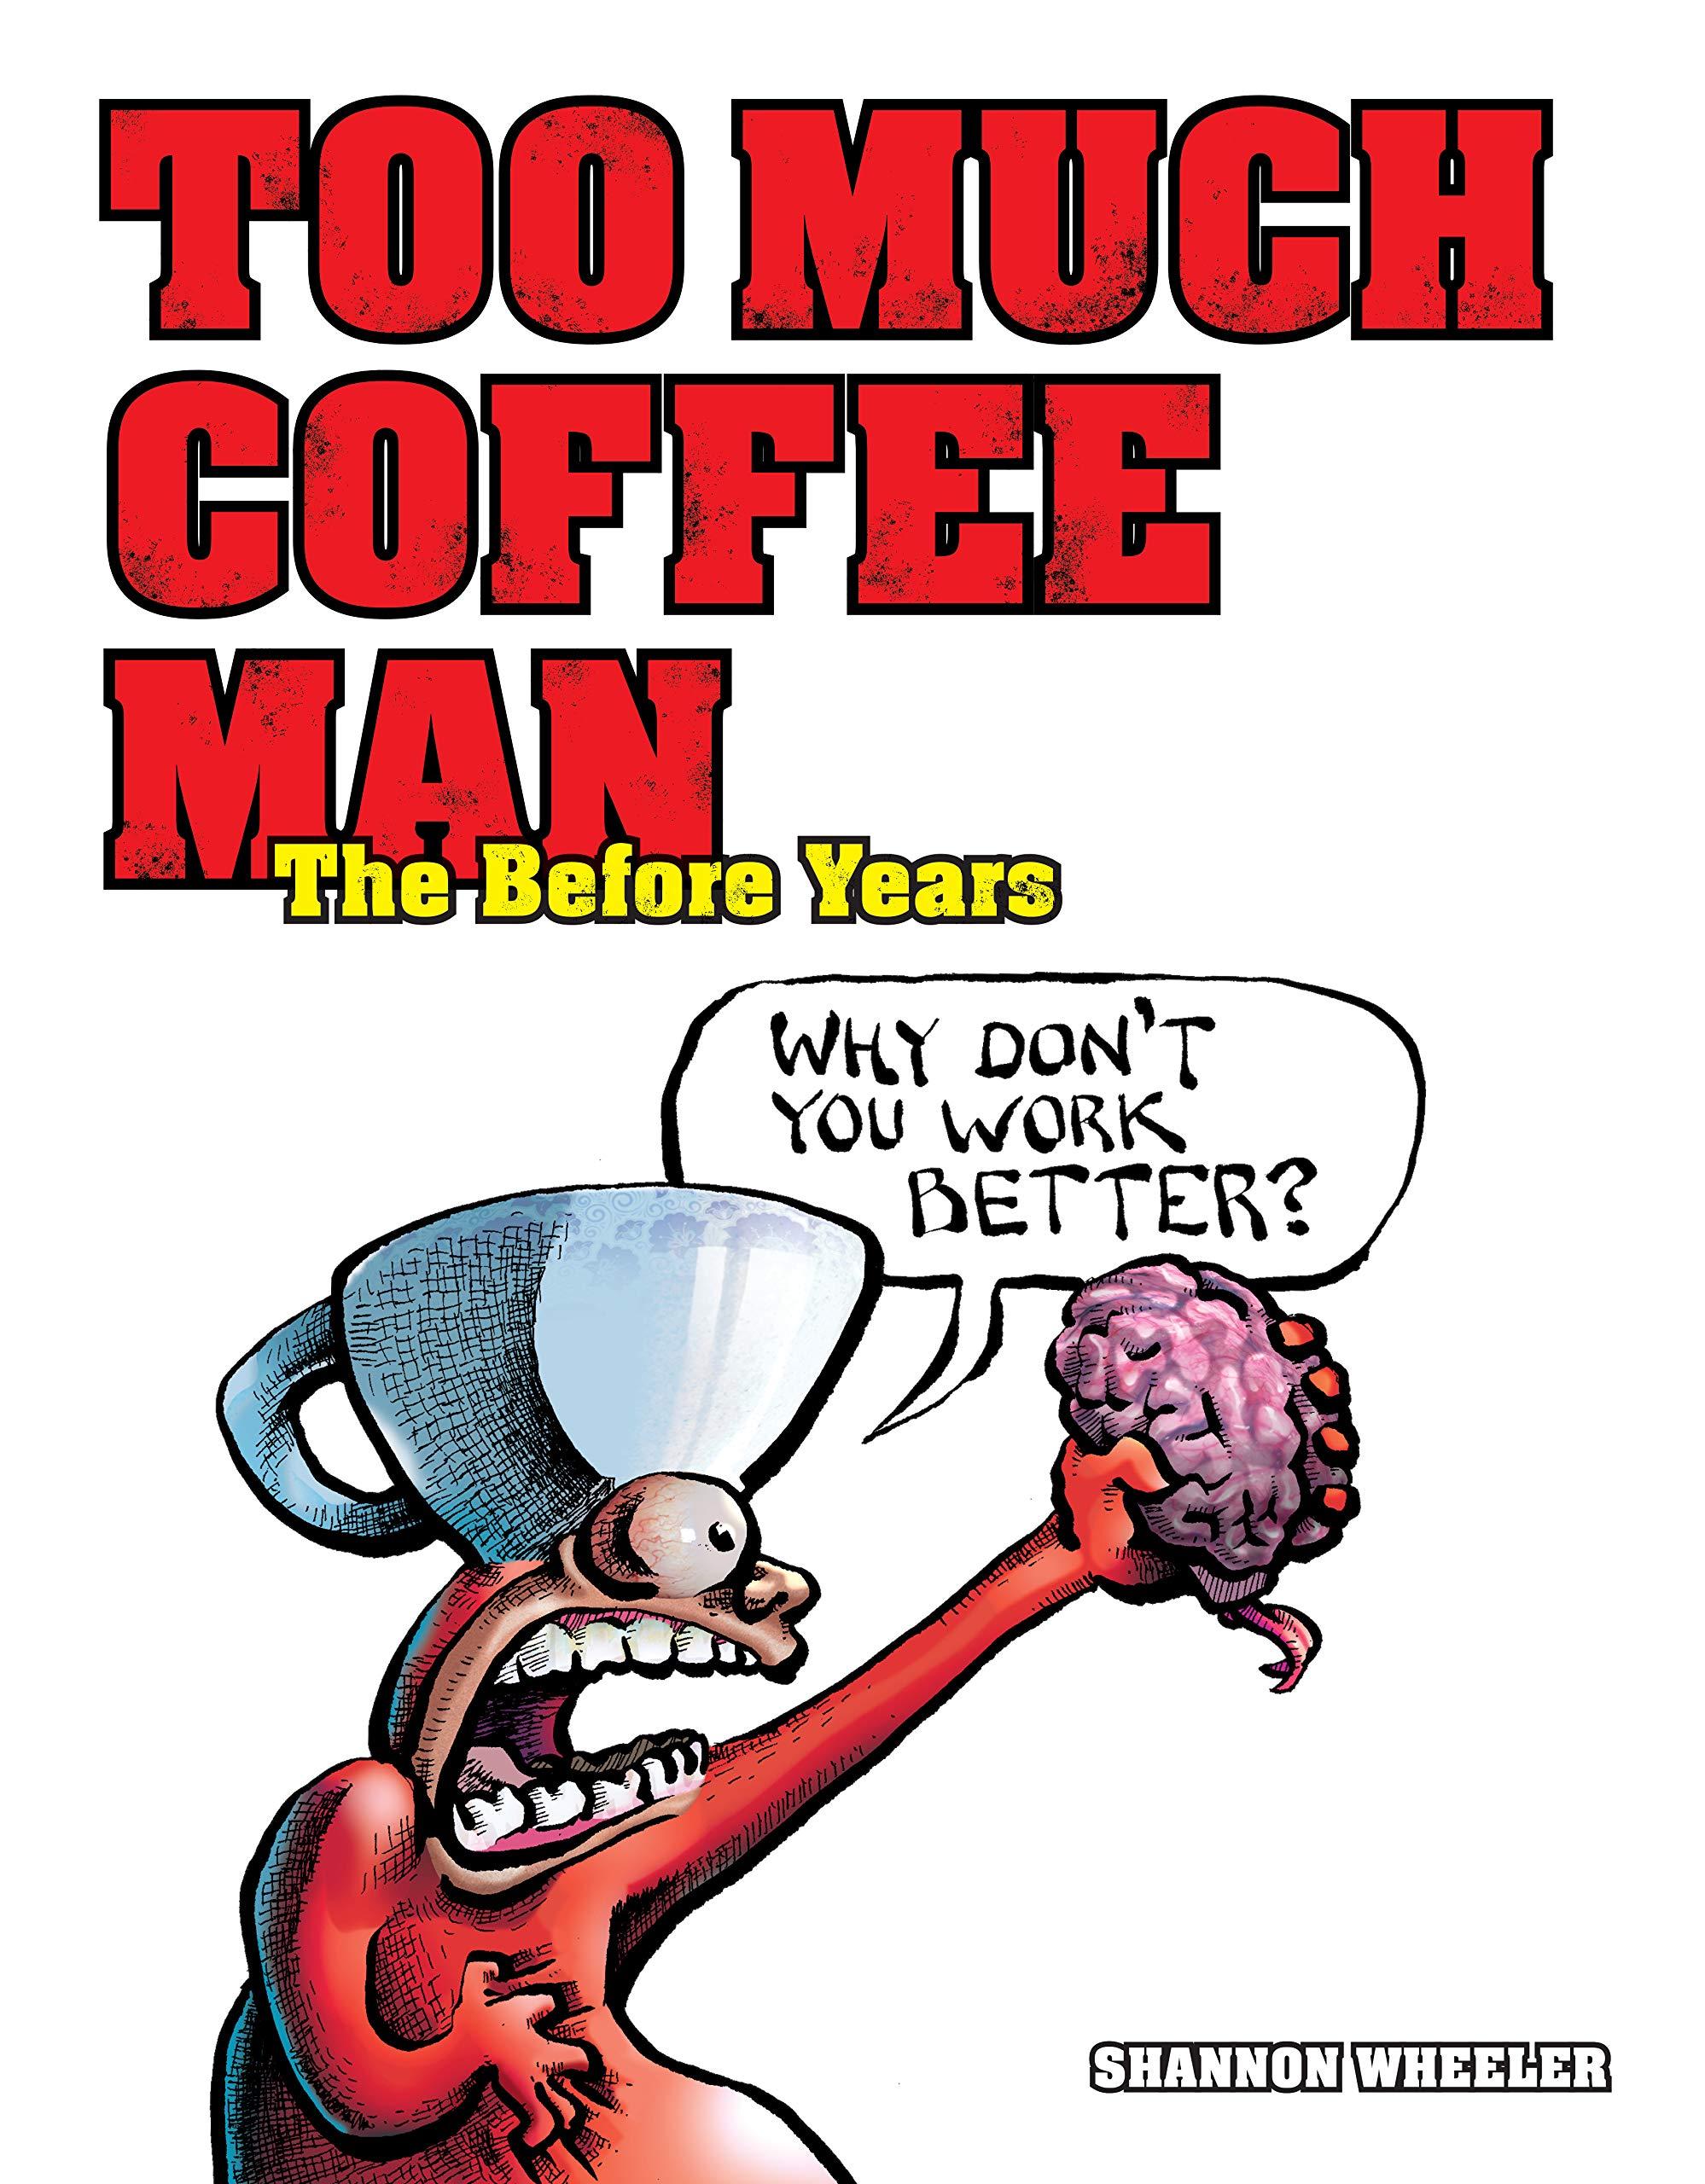 El tópic del café - Página 2 812wo-Ss3qL